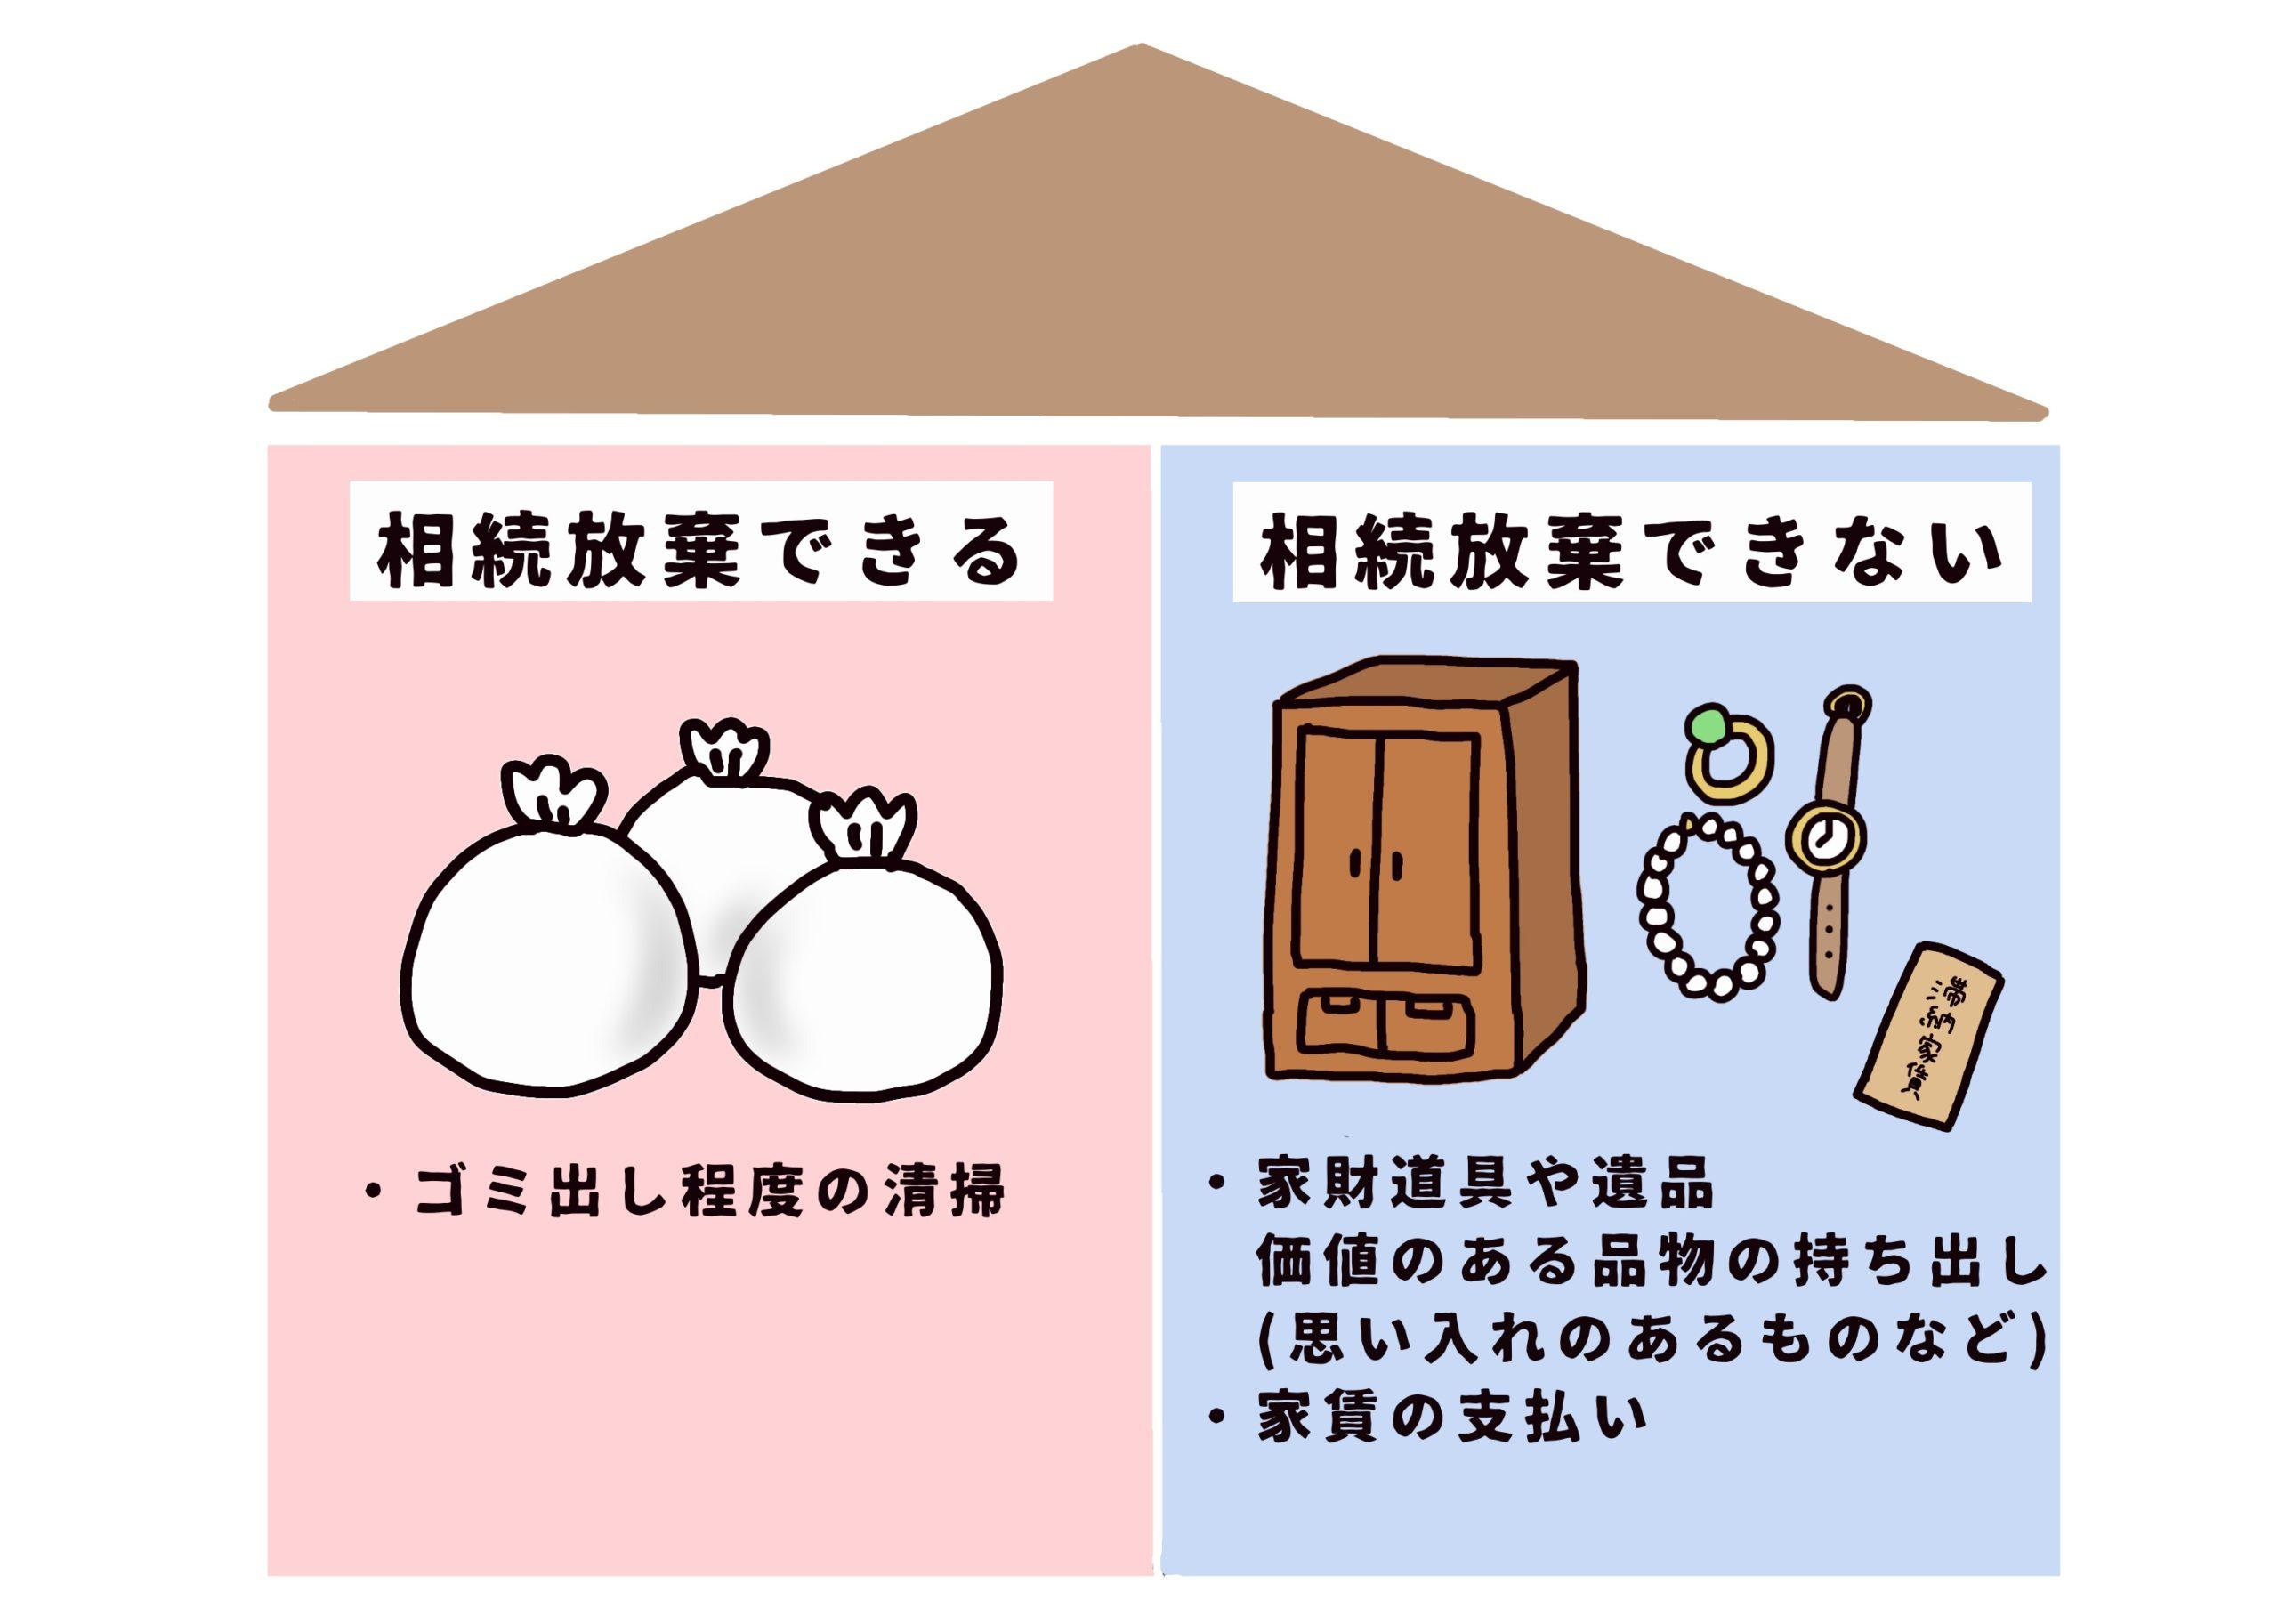 相続放棄できないアパートの清掃や滞納家賃の処理